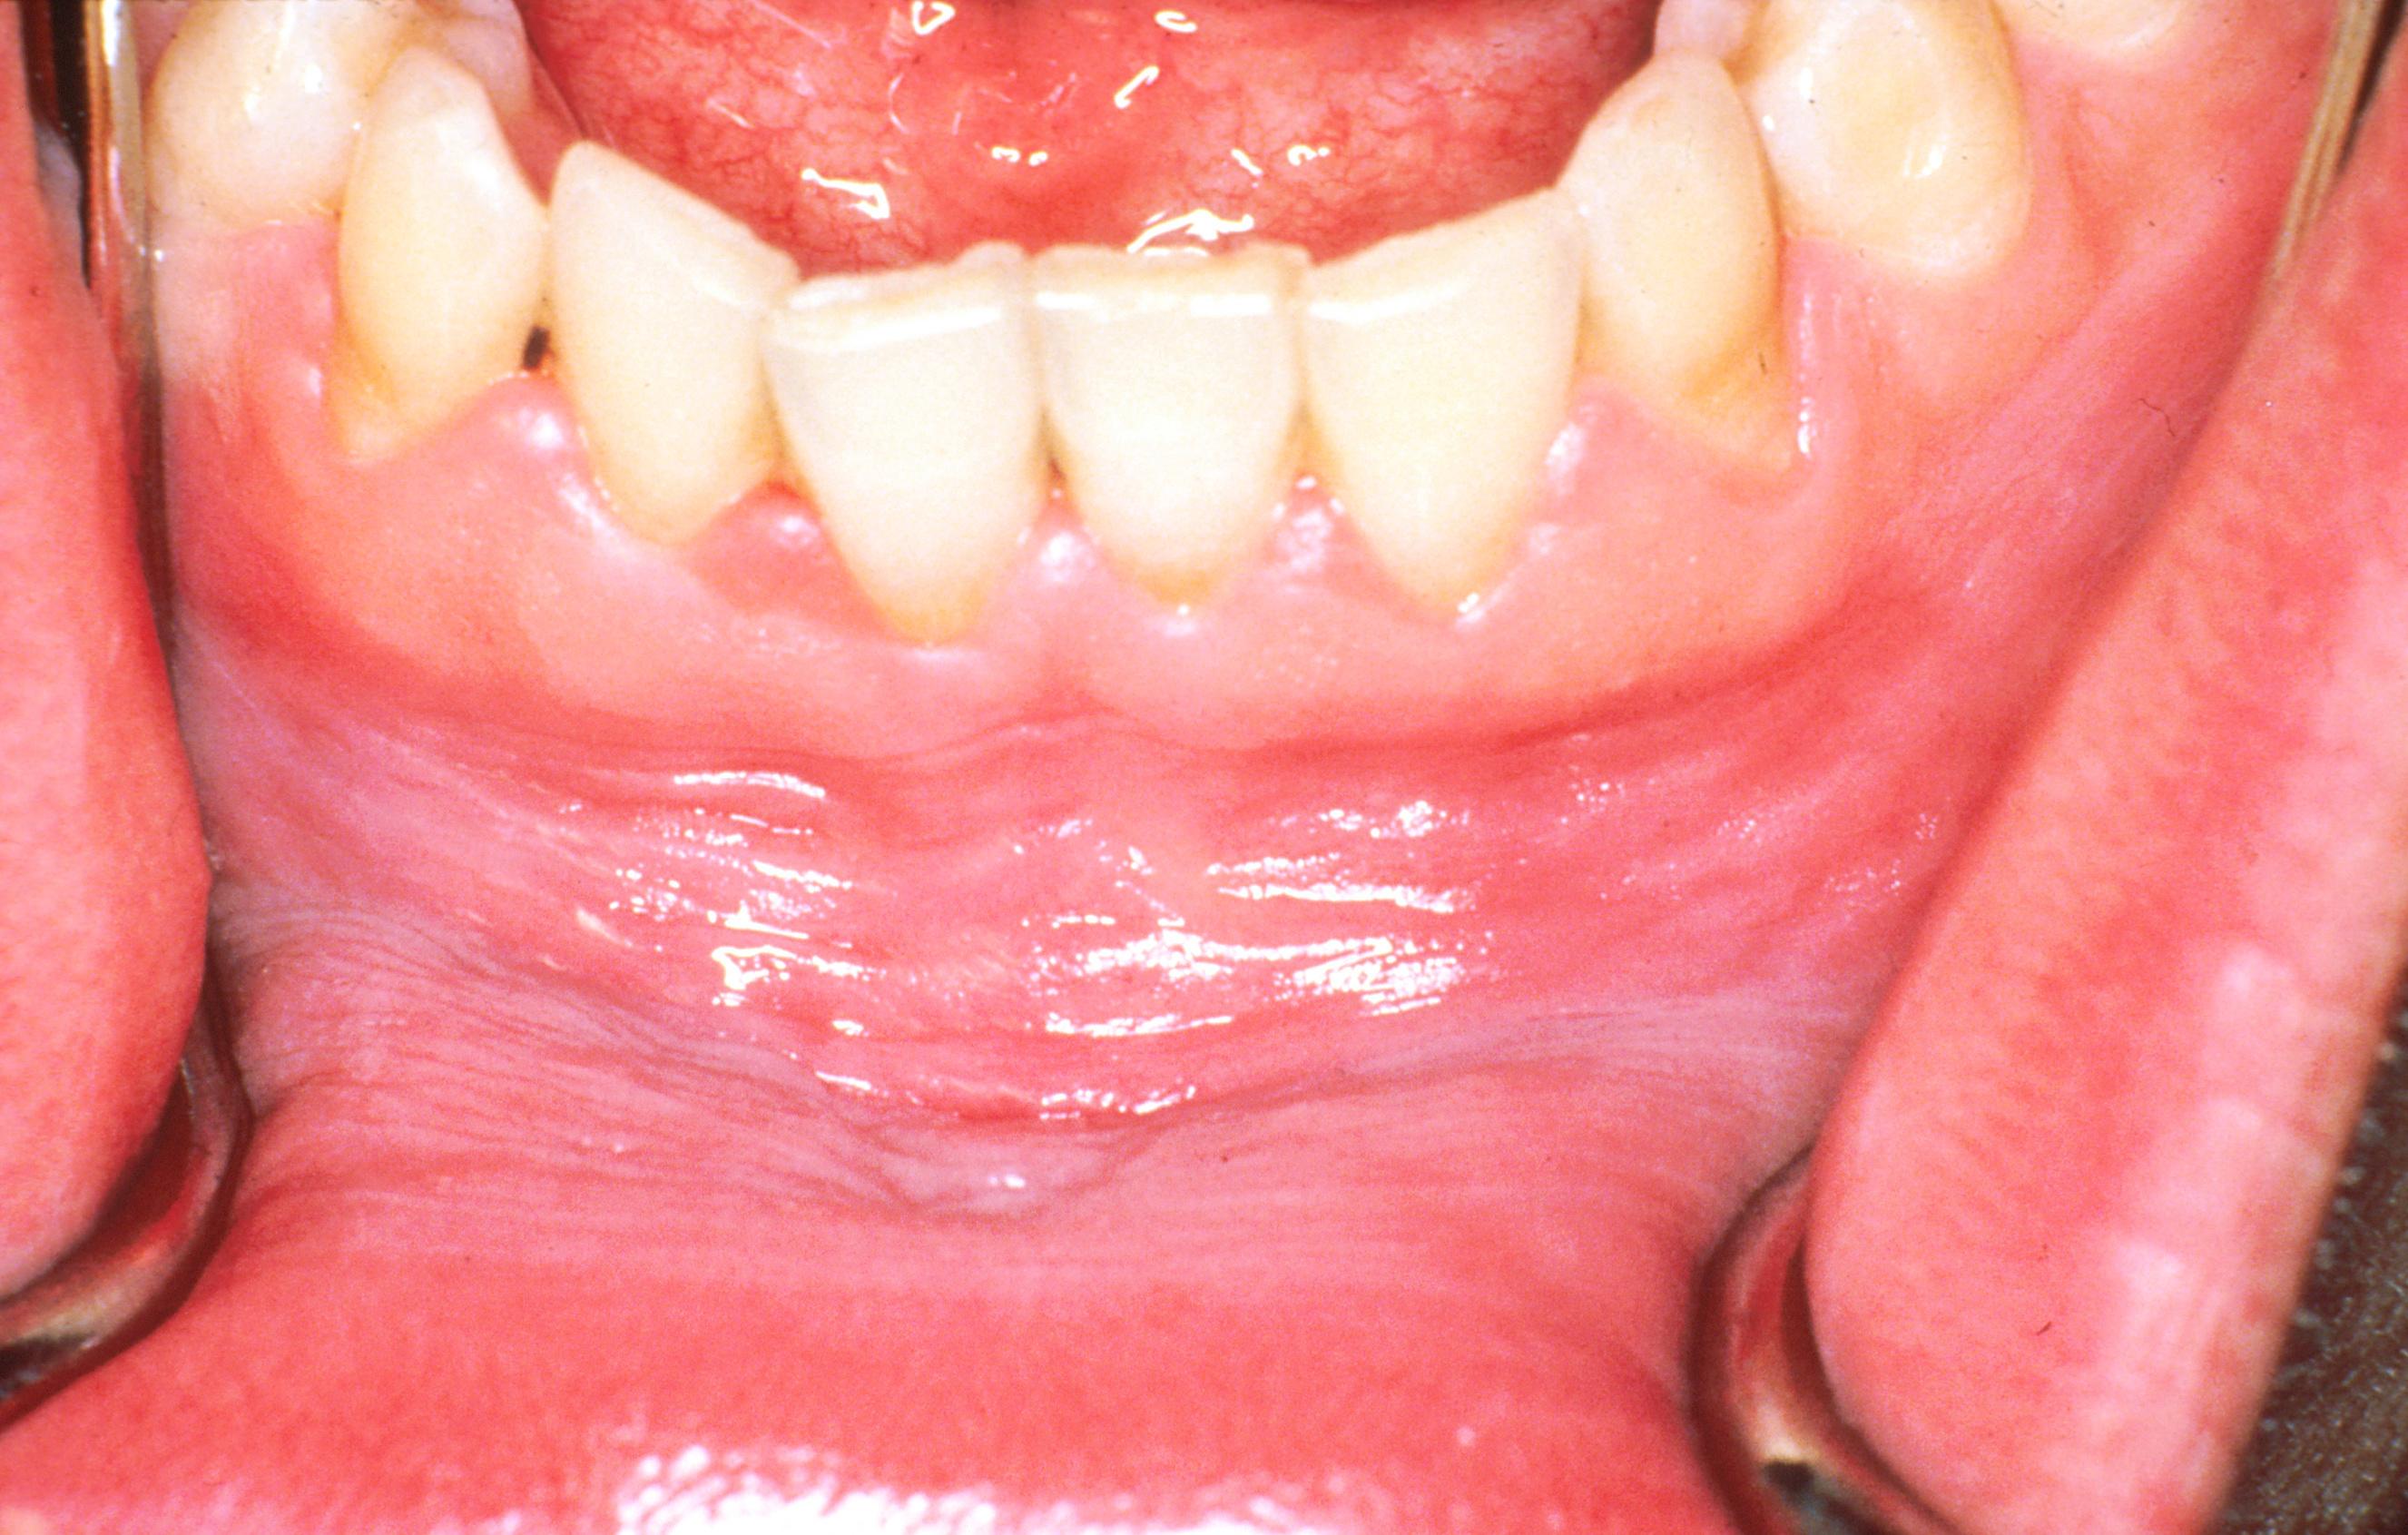 papillomavírus szerológia emberben hpv a bőr szemölcsén